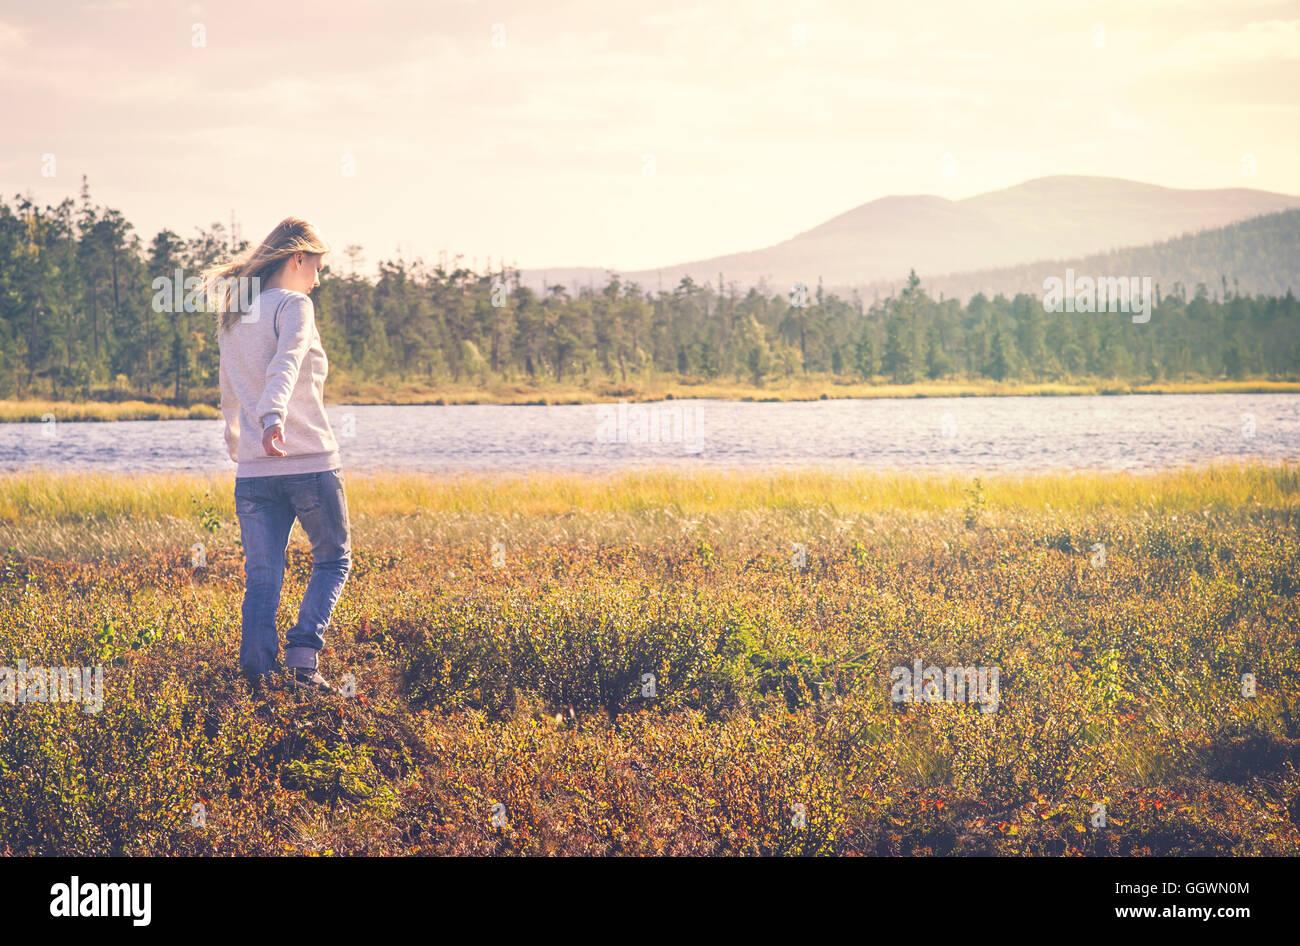 Frau Reisende zu Fuß allein reisen Lifestyle Konzept Sommer Urlaub im freien Tundra Wald auf Hintergrund Stockbild